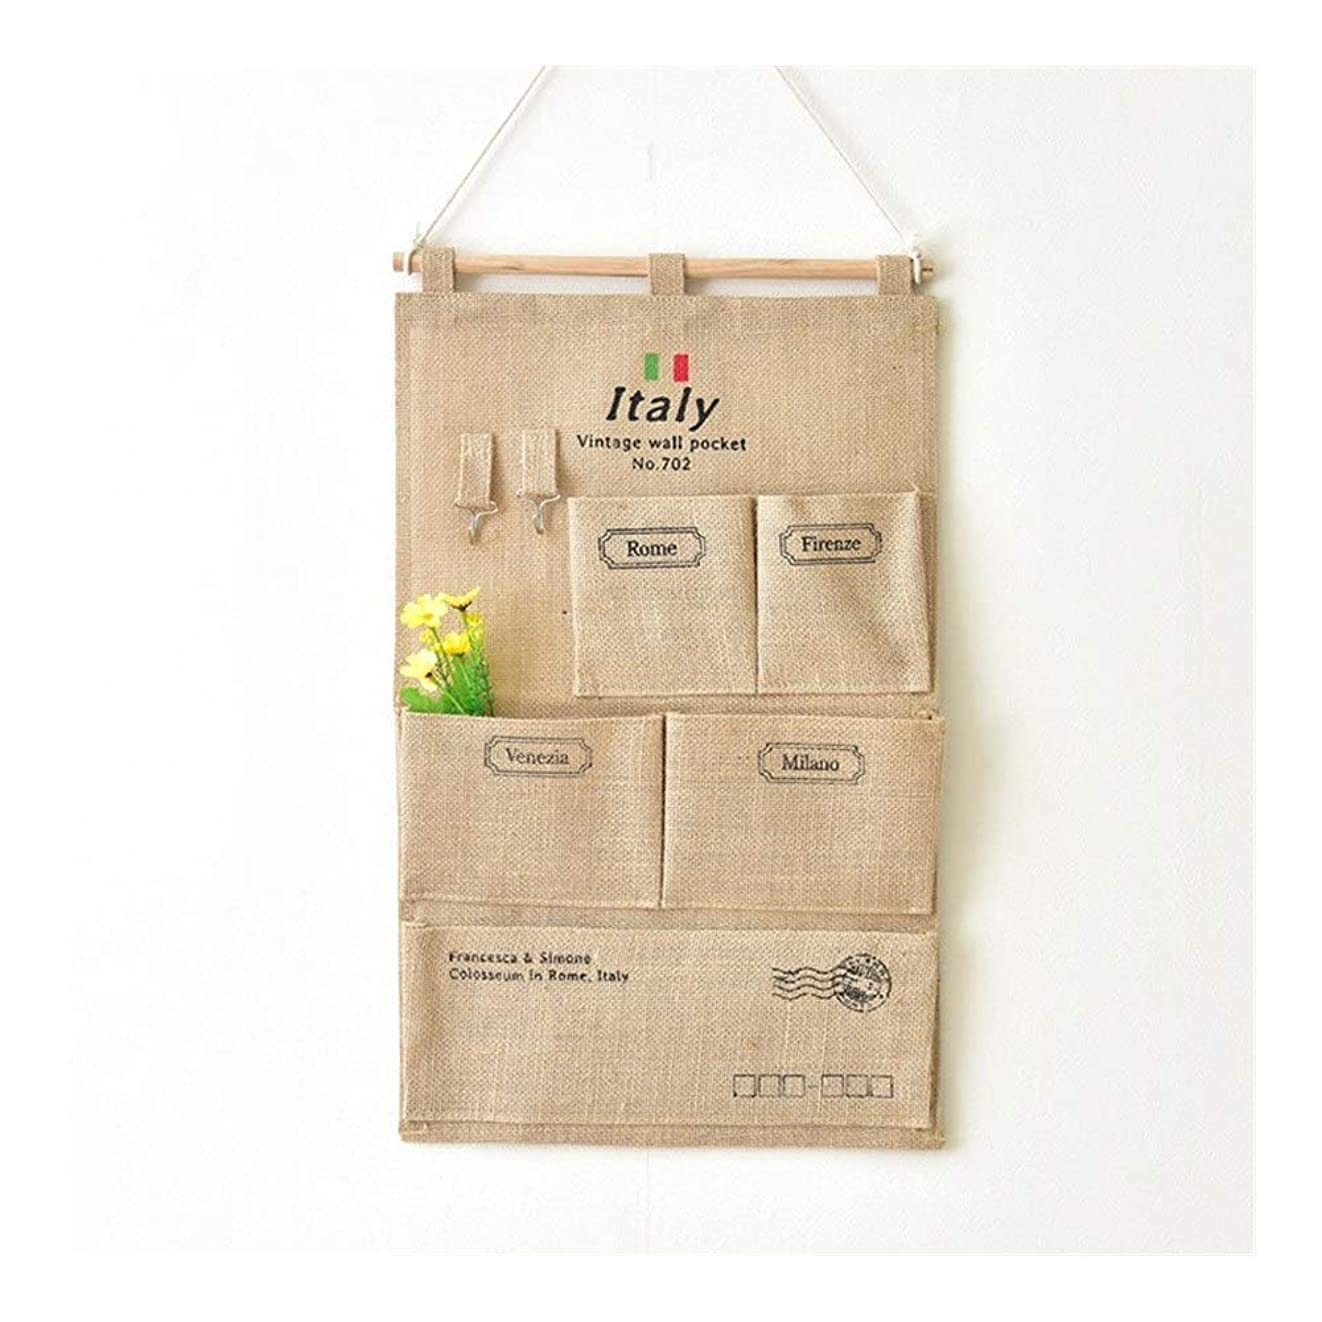 ヘッドレスゆでる痛み処置 フック吊りバッグ付きホームウォールデコレーションイタリアイタリア5ポケット